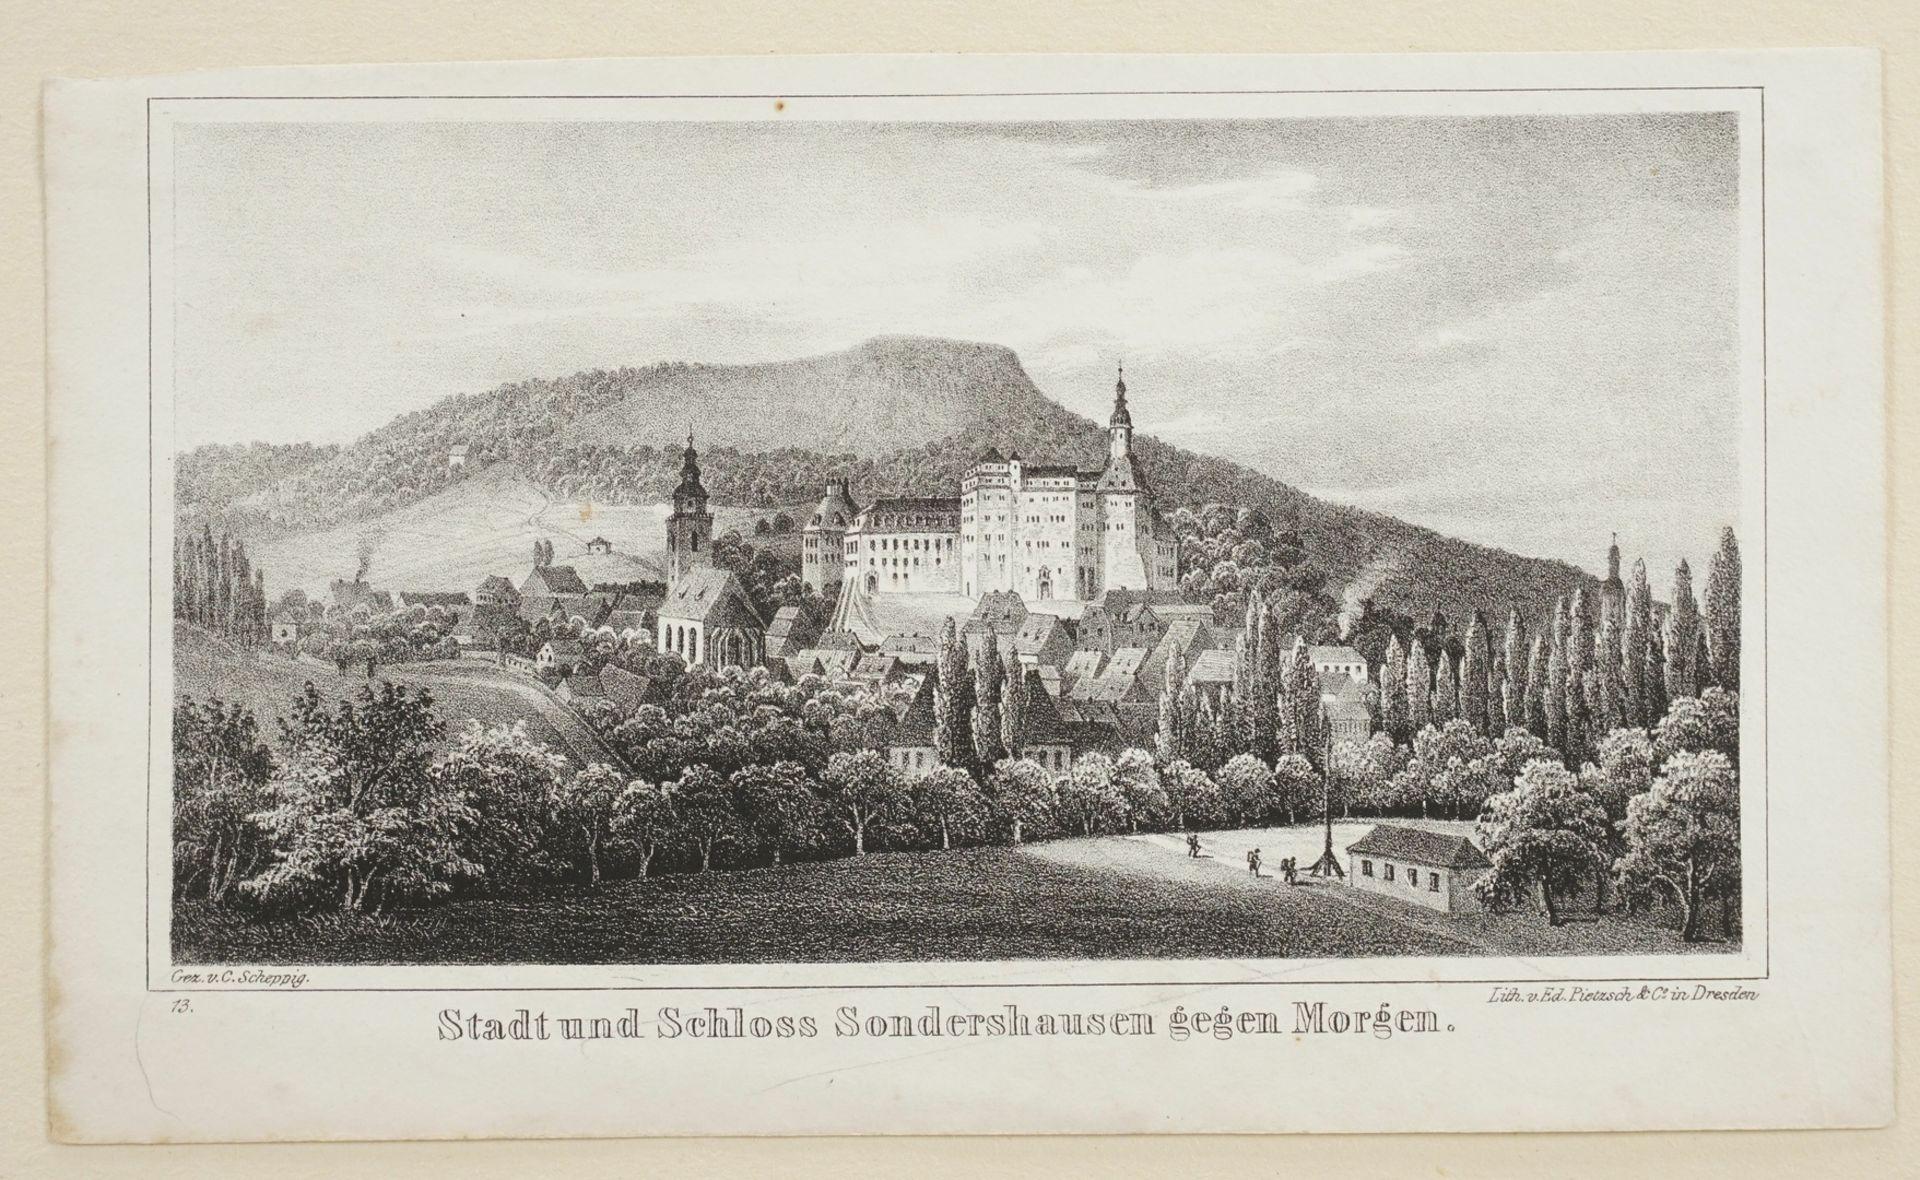 Stadt und Schloss Sondershausen gegen Morgen - Bild 3 aus 3